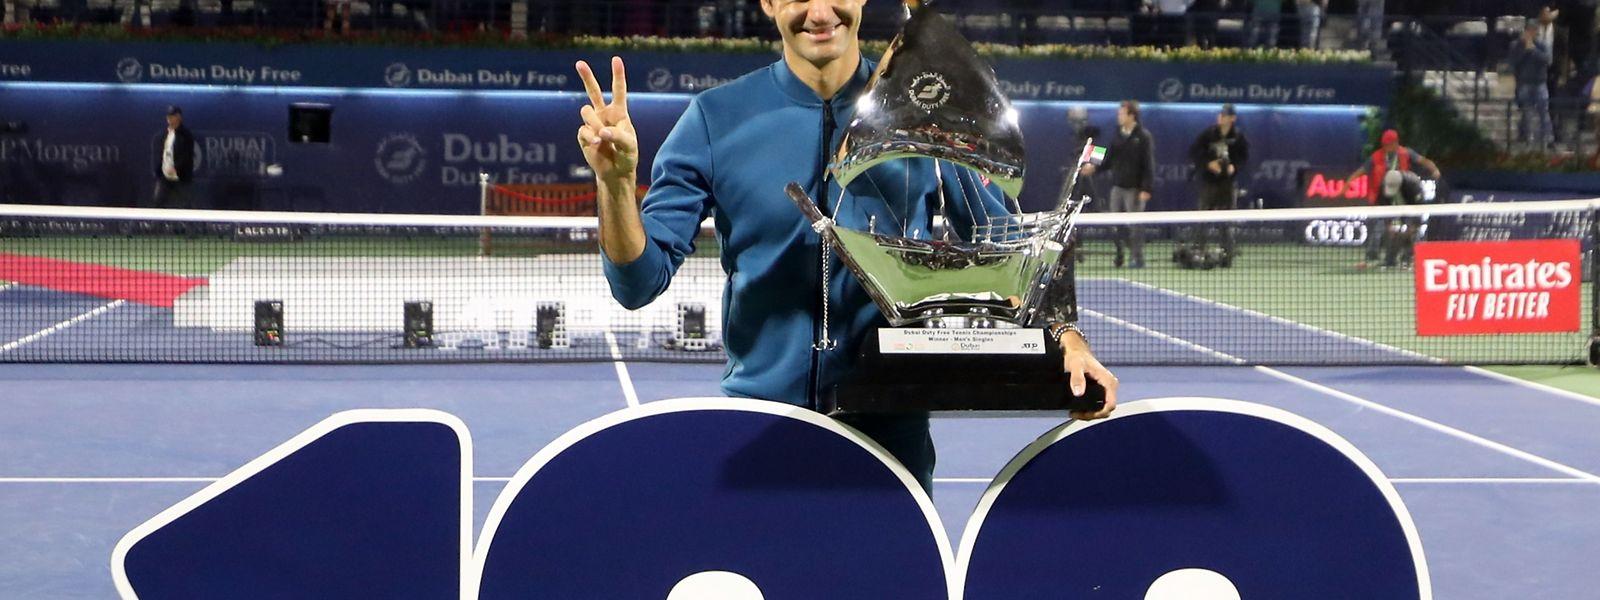 O suíço Roger Federer fez história no Dubai.